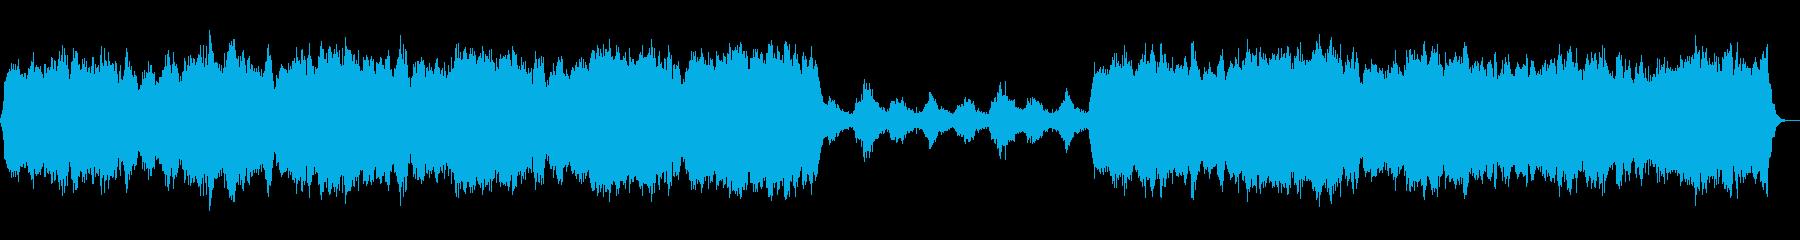 新しく始まる朝のようなアンビエントBGMの再生済みの波形